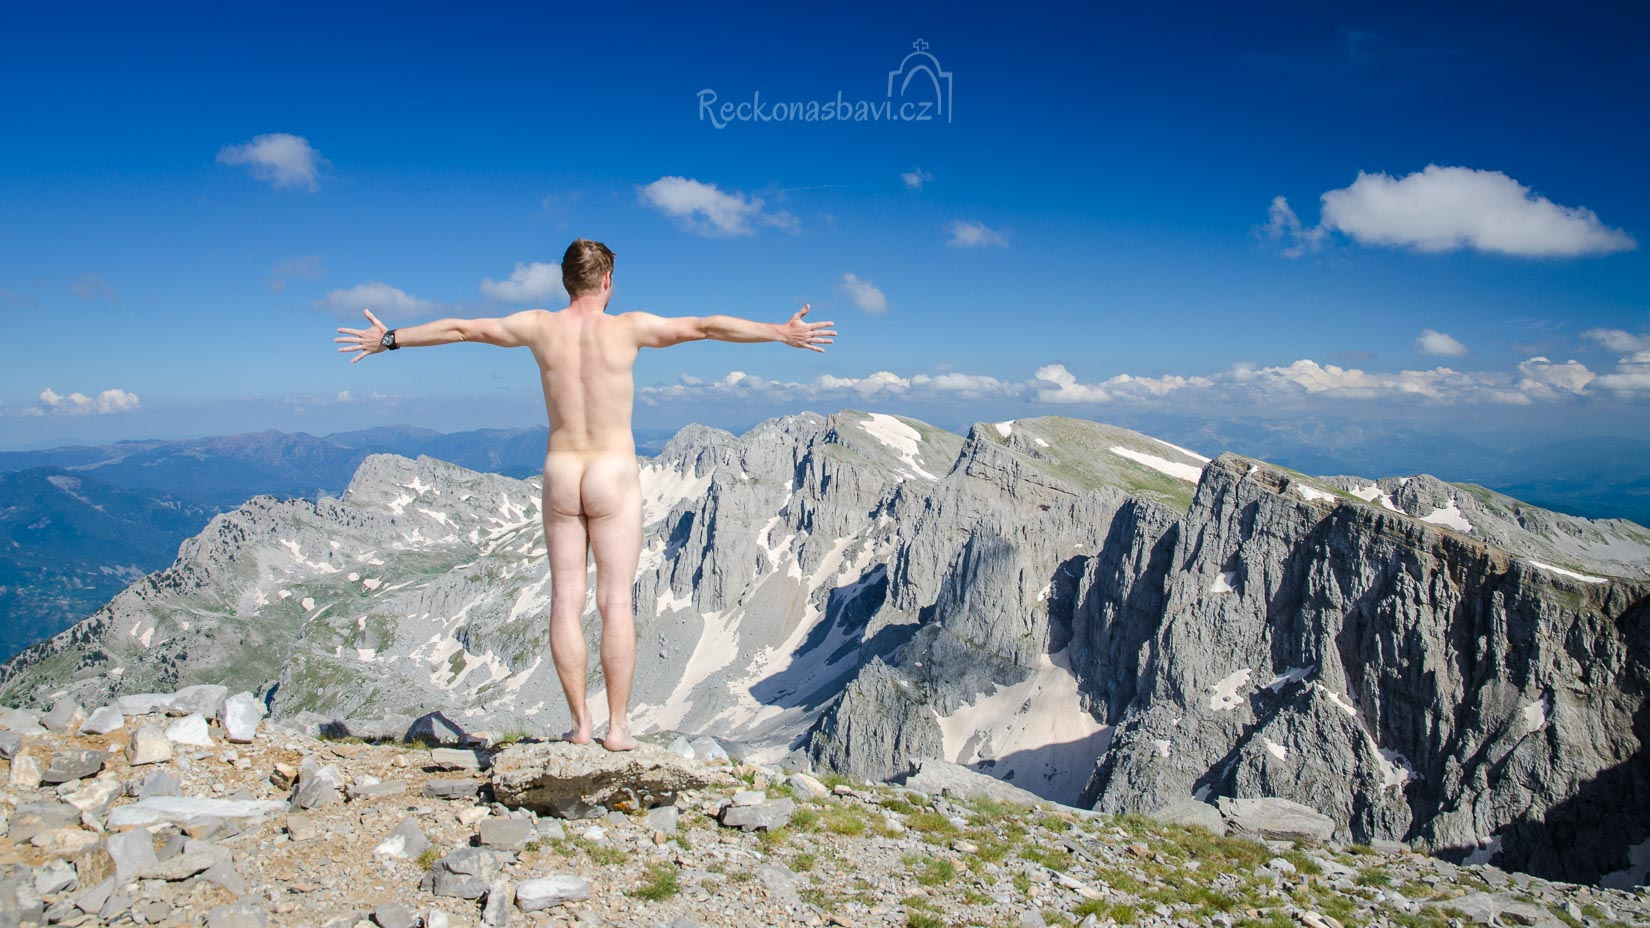 """Na závěr si dopřávám jednu """"nahulatou"""" svého pozadí :) Fotka má demonstrovat jediné. A to že v horách jsme absolutně svobodní a že se můžeme kochat pohledem dolů na svět, tak jak nás Pán Bůh stvořil..."""